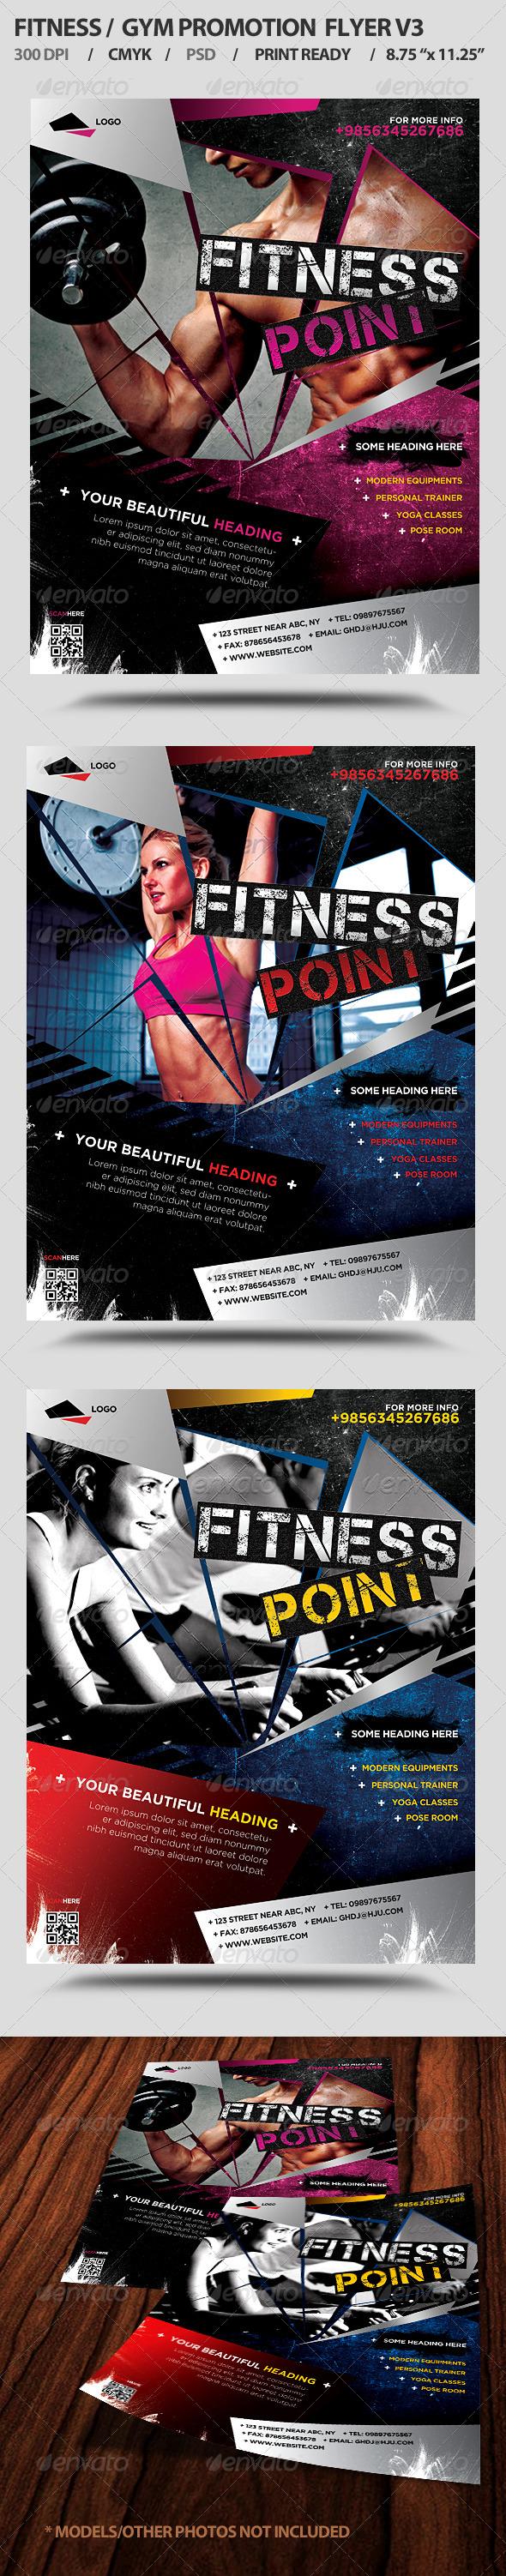 Fitness/Gym Business Promotion Flyer V3